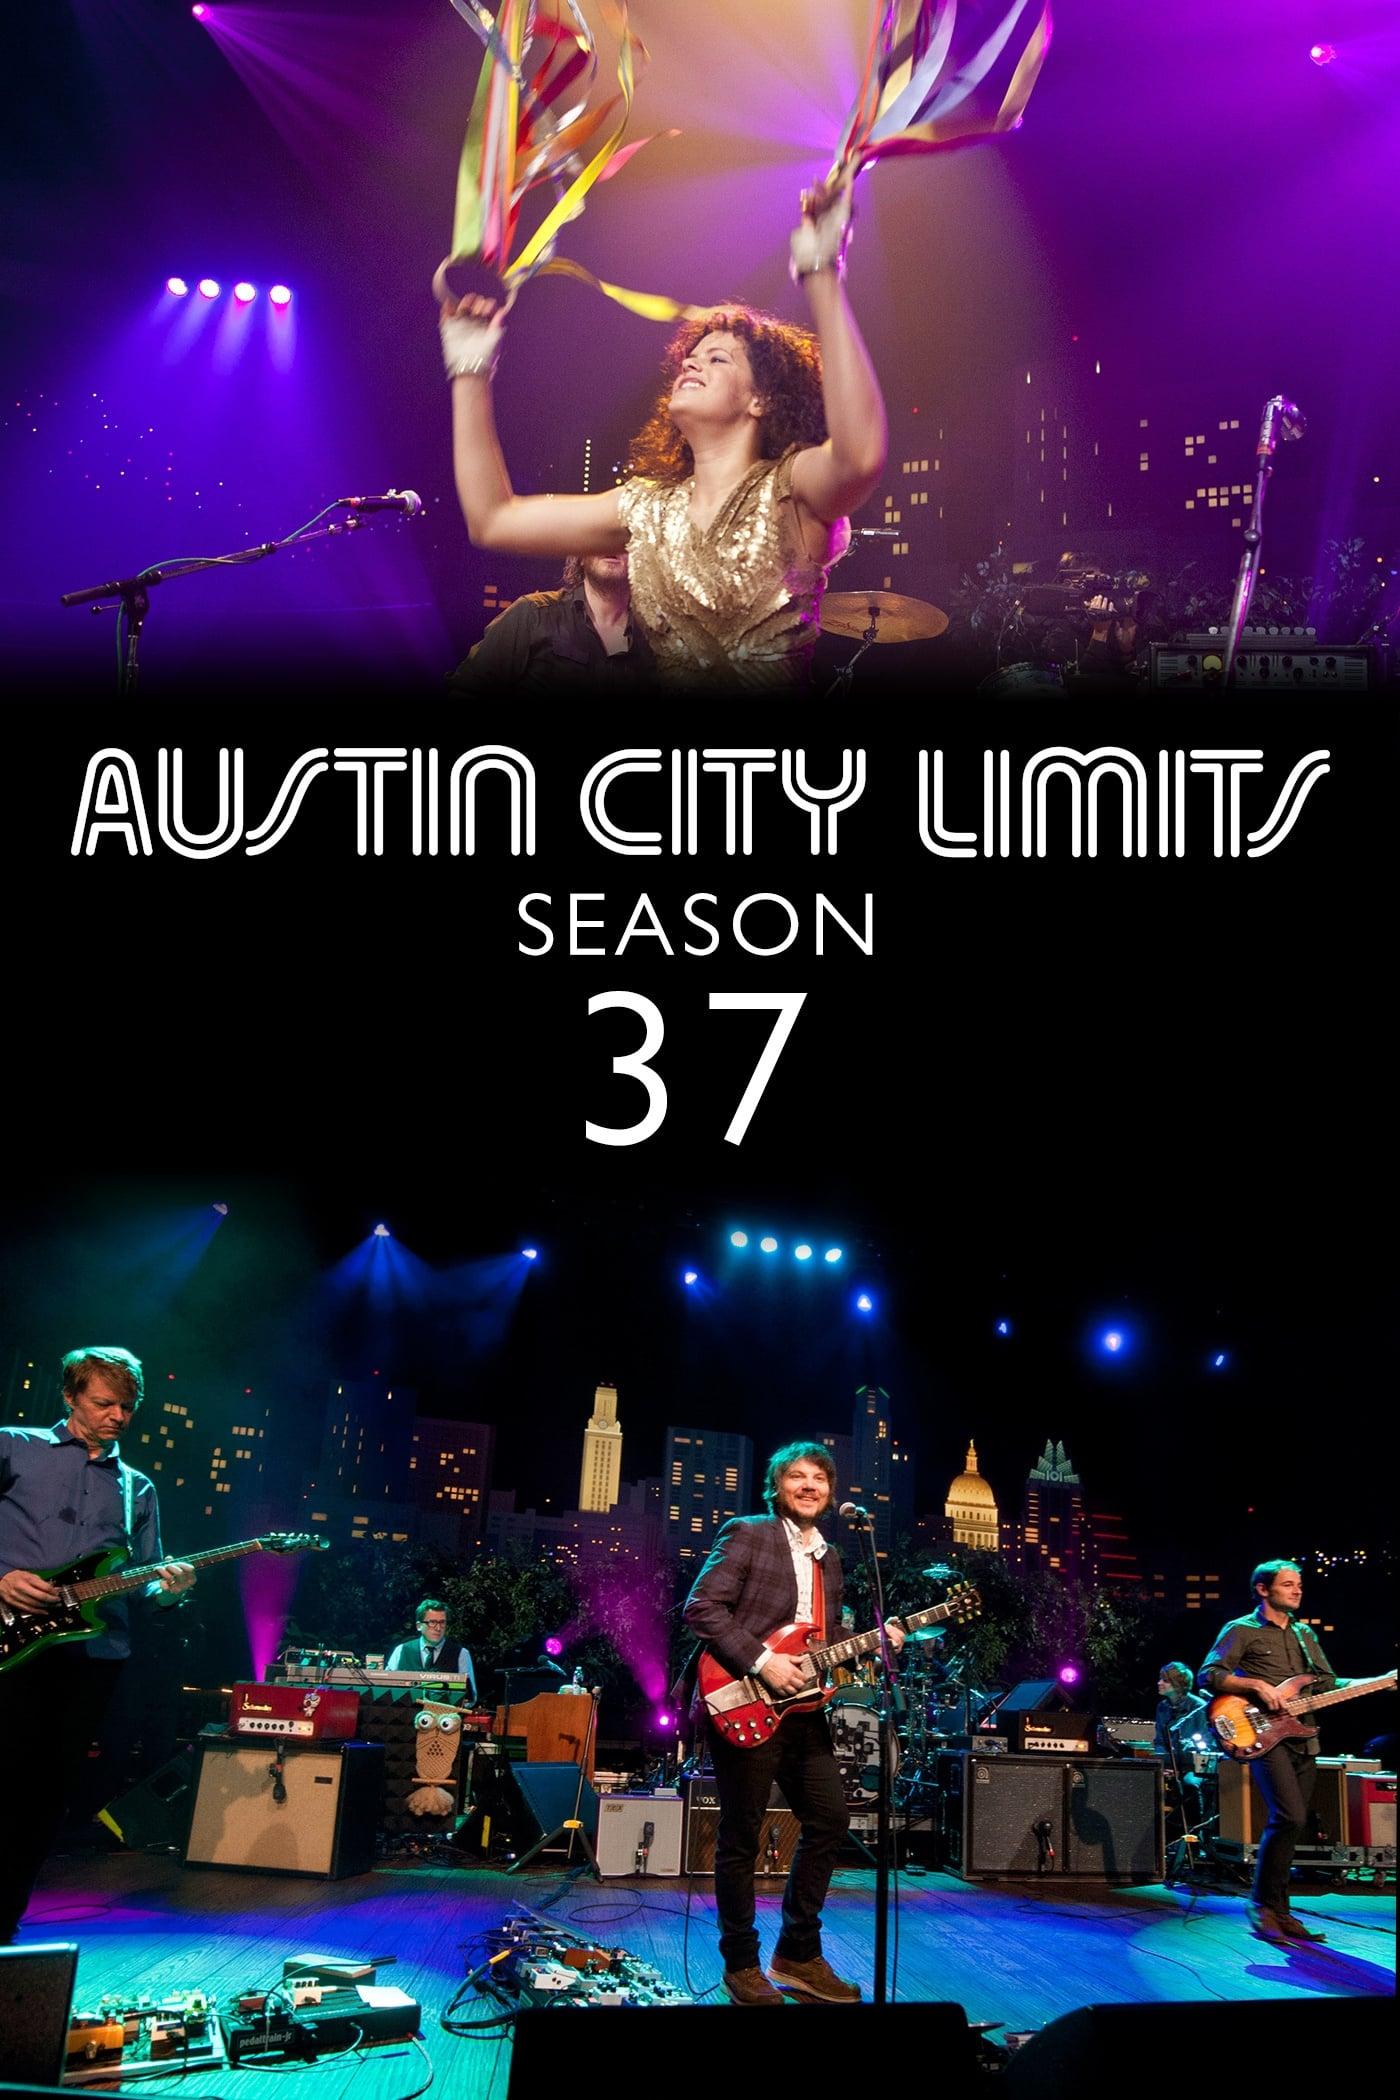 Austin City Limits Season 37